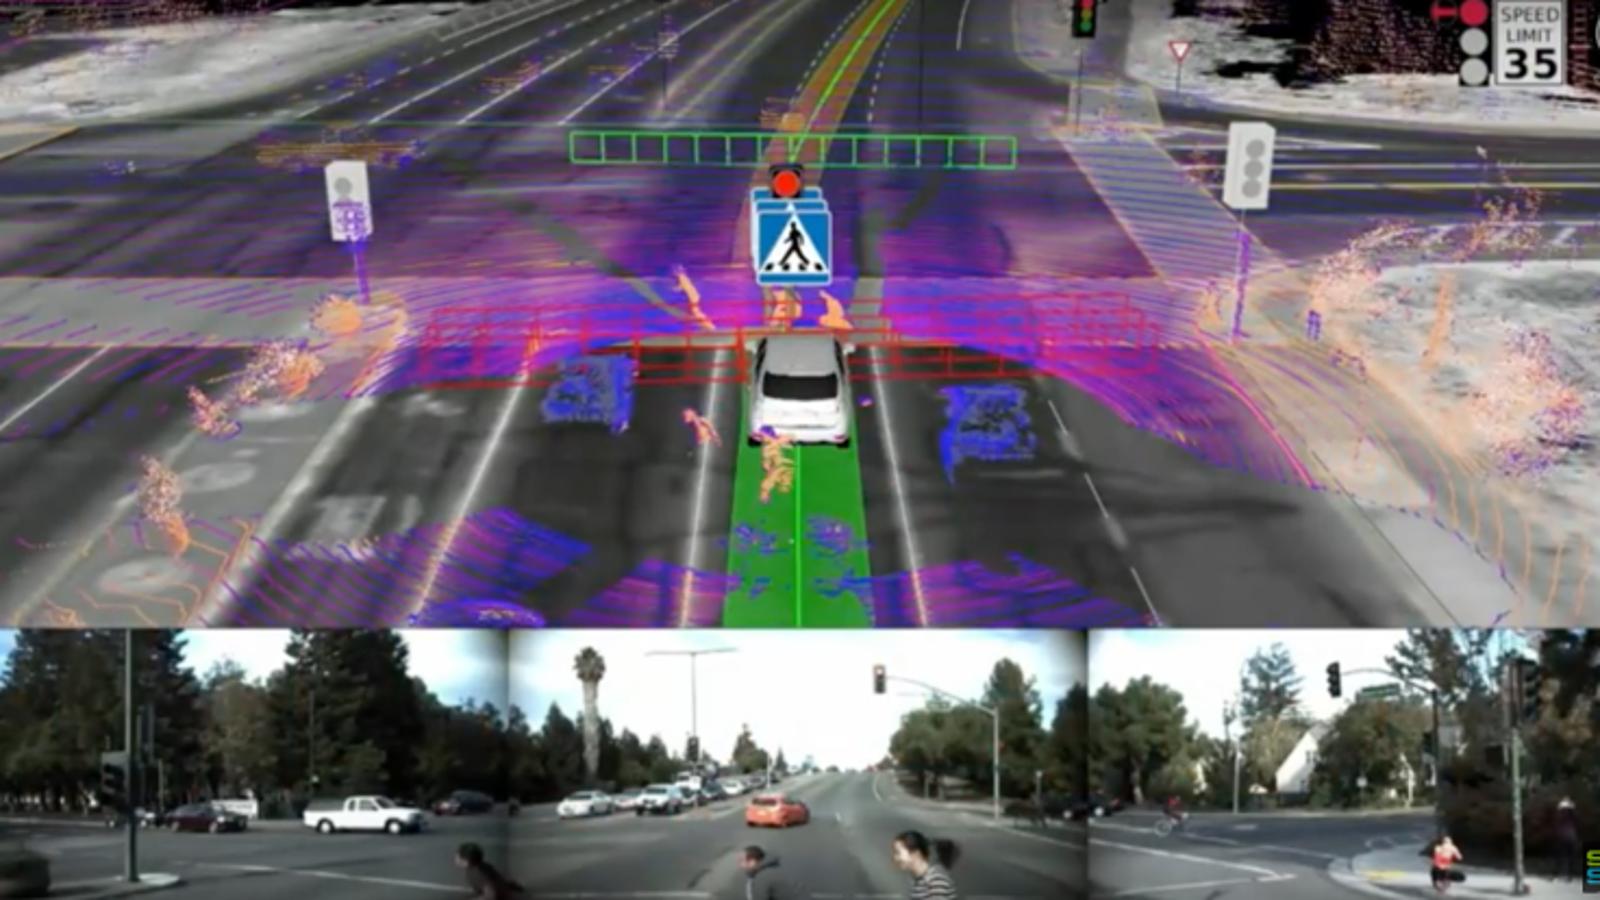 Un problema inesperado para el coche de Google: hace que los peatones actúen como idiotas